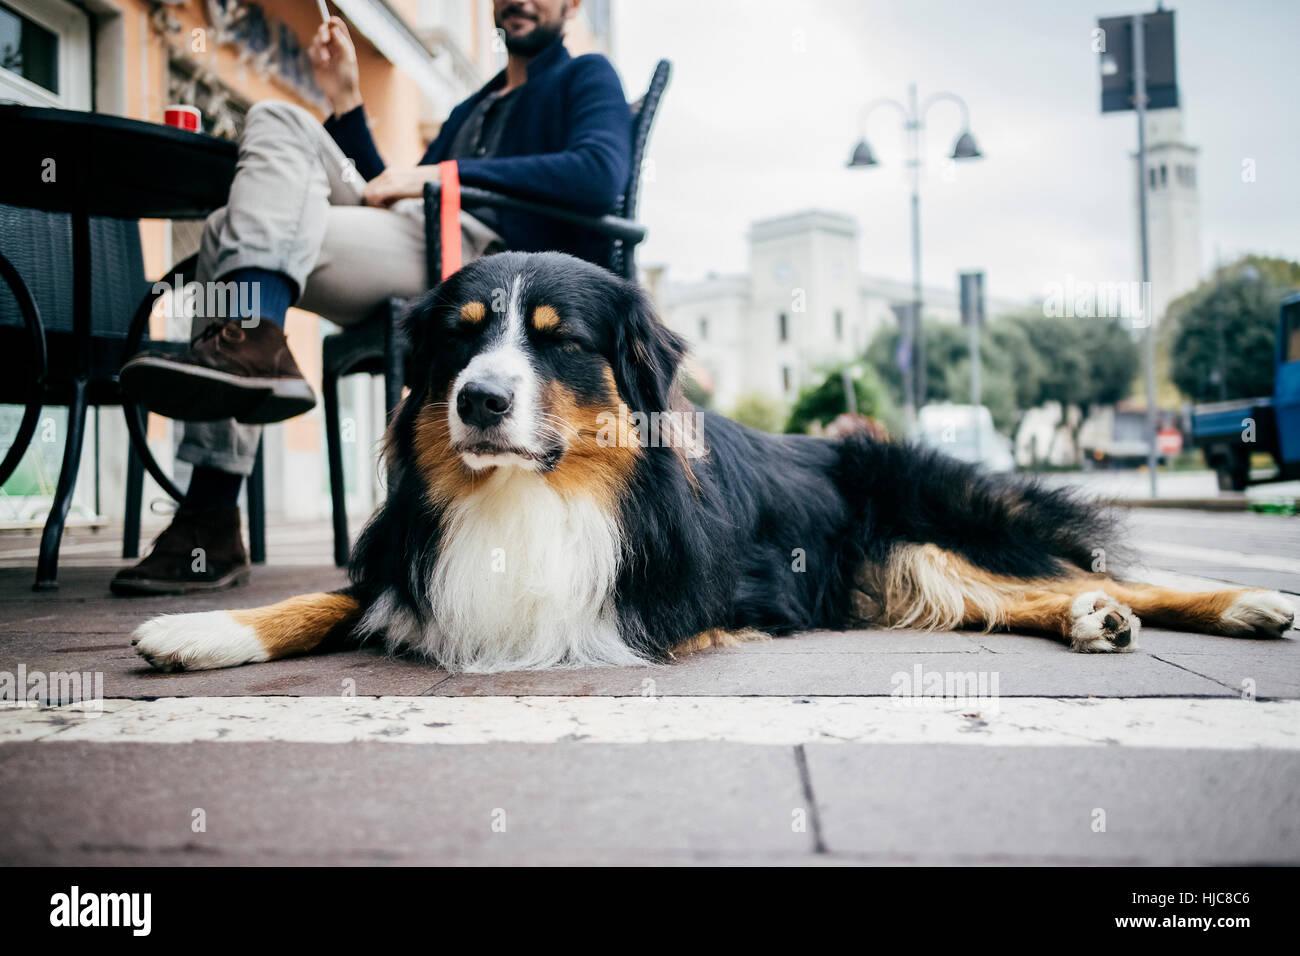 Porträt von Hund liegend warten im Straßencafé Stockbild